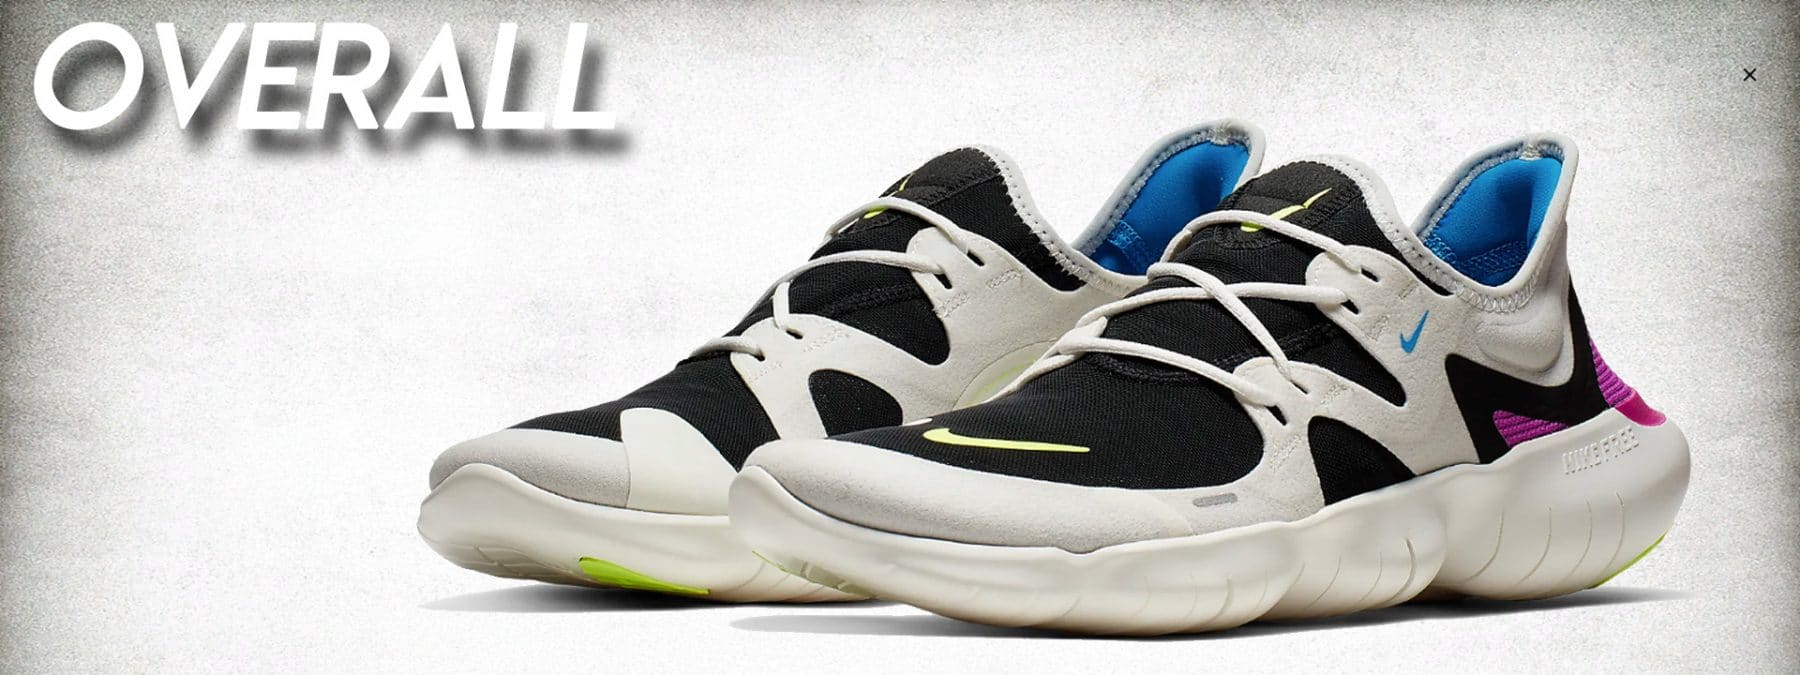 Pickup] 2019 Nike Free RN 5.0